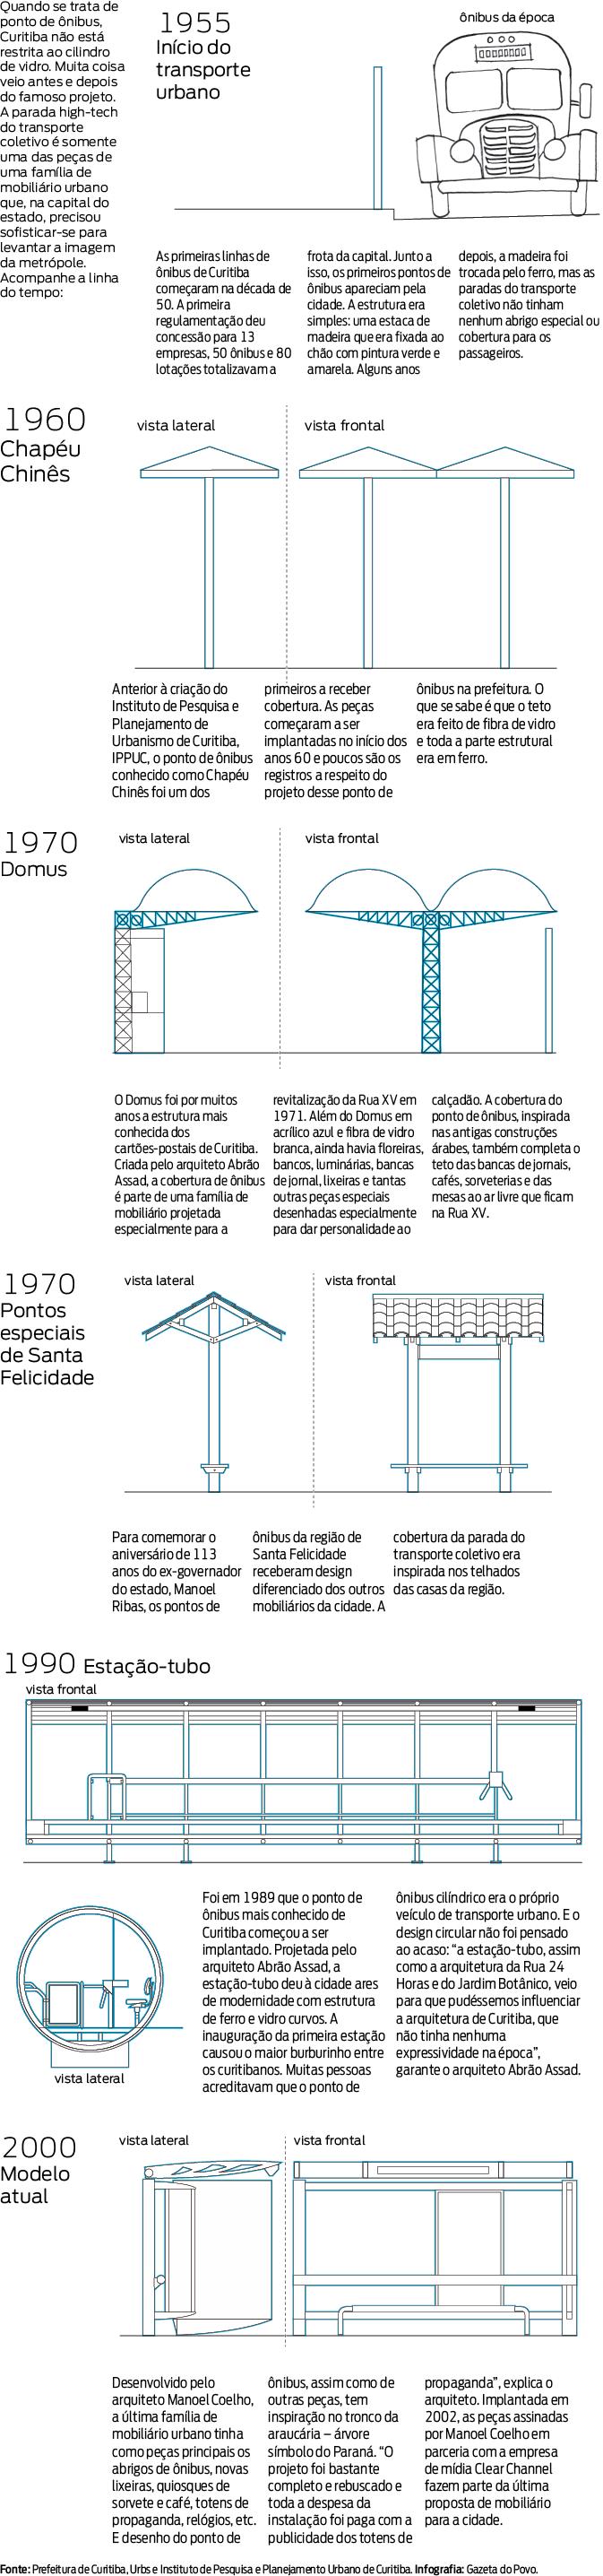 A evolução dos pontos de ônibus de Curitiba